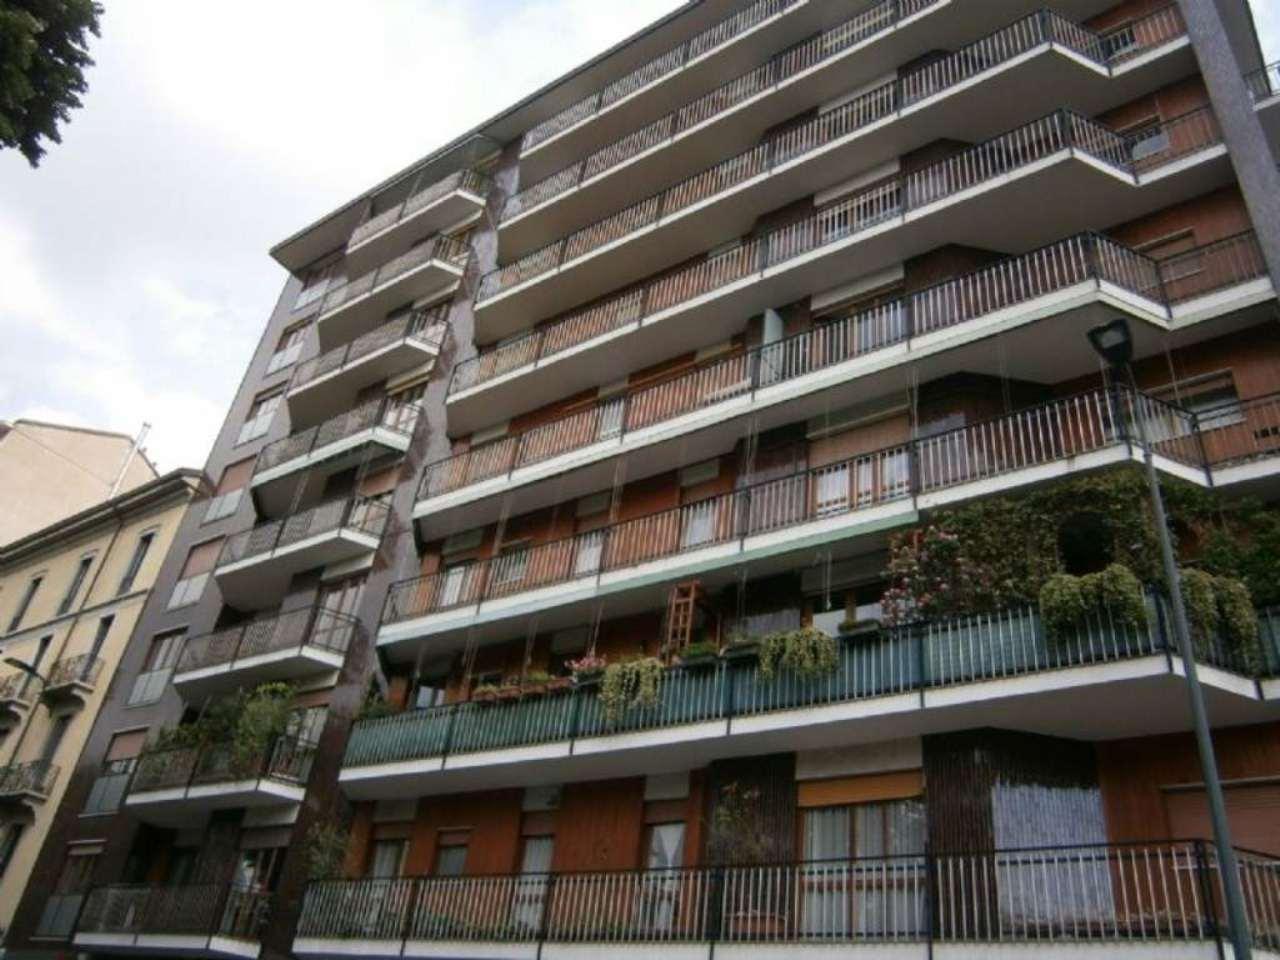 Appartamento in vendita a Milano, 5 locali, zona Zona: 4 . Buenos Aires, Indipendenza, P.ta Venezia, Regina Giovanna, Dateo, prezzo € 800.000 | Cambiocasa.it